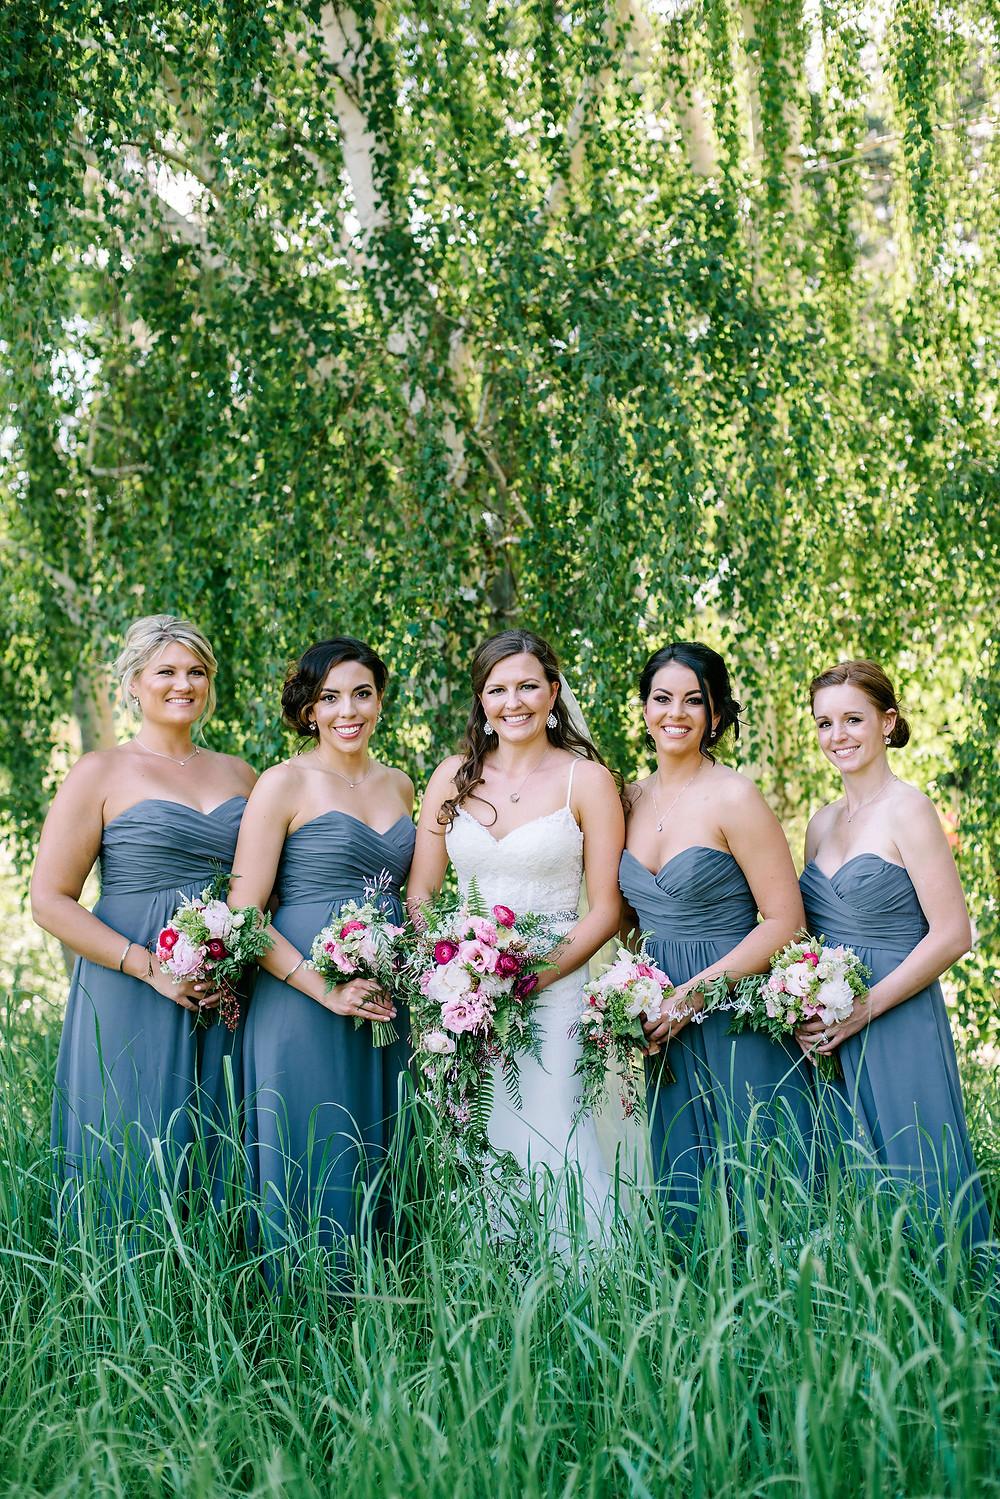 Denver Florist for Weddings at the Denver Botanic Gardens